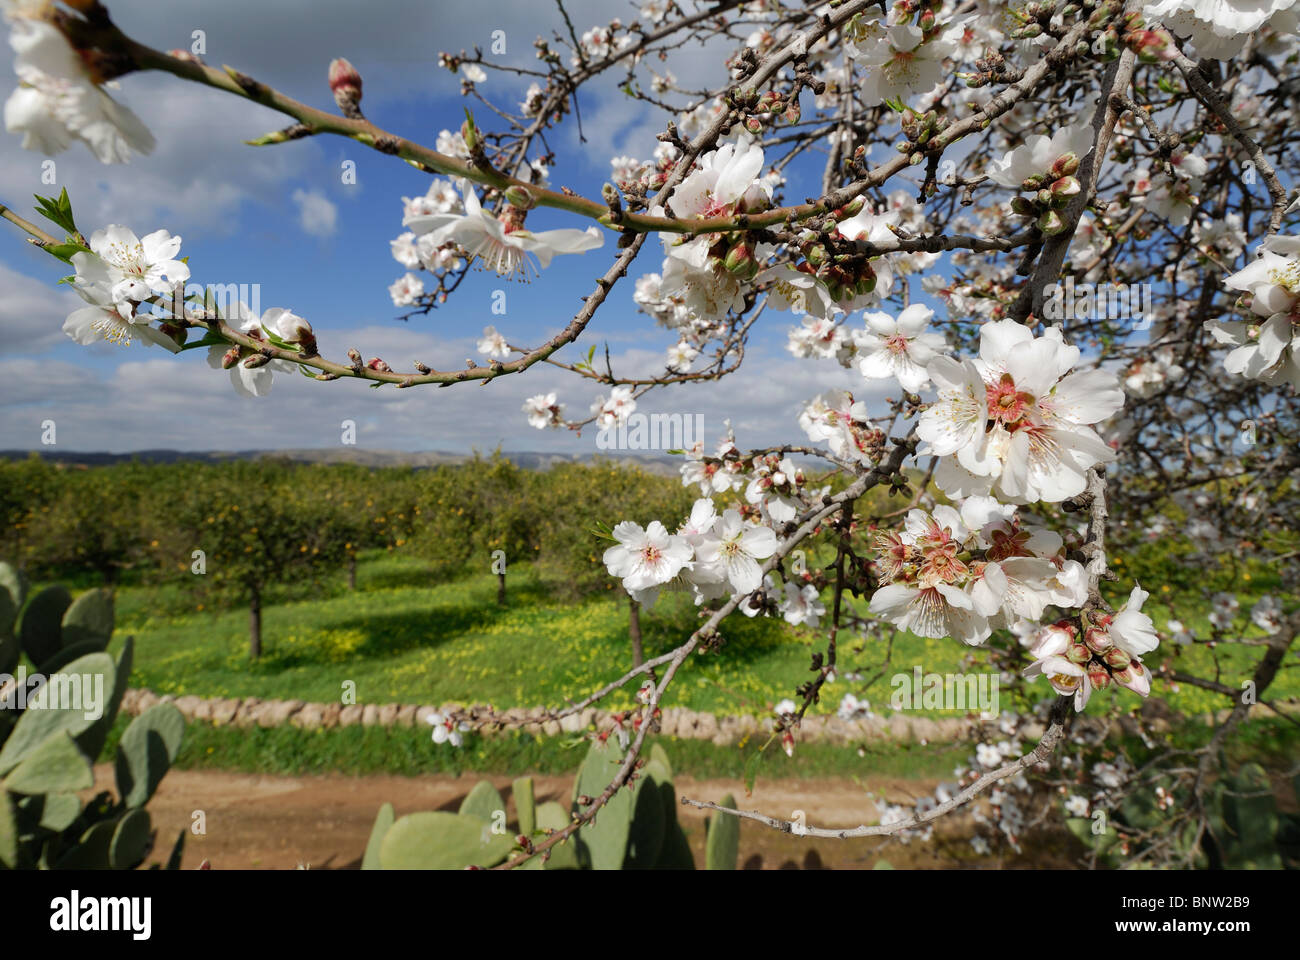 Avola. La Sicile. L'Italie. & Fleur d'amandier de citronniers. Photo Stock